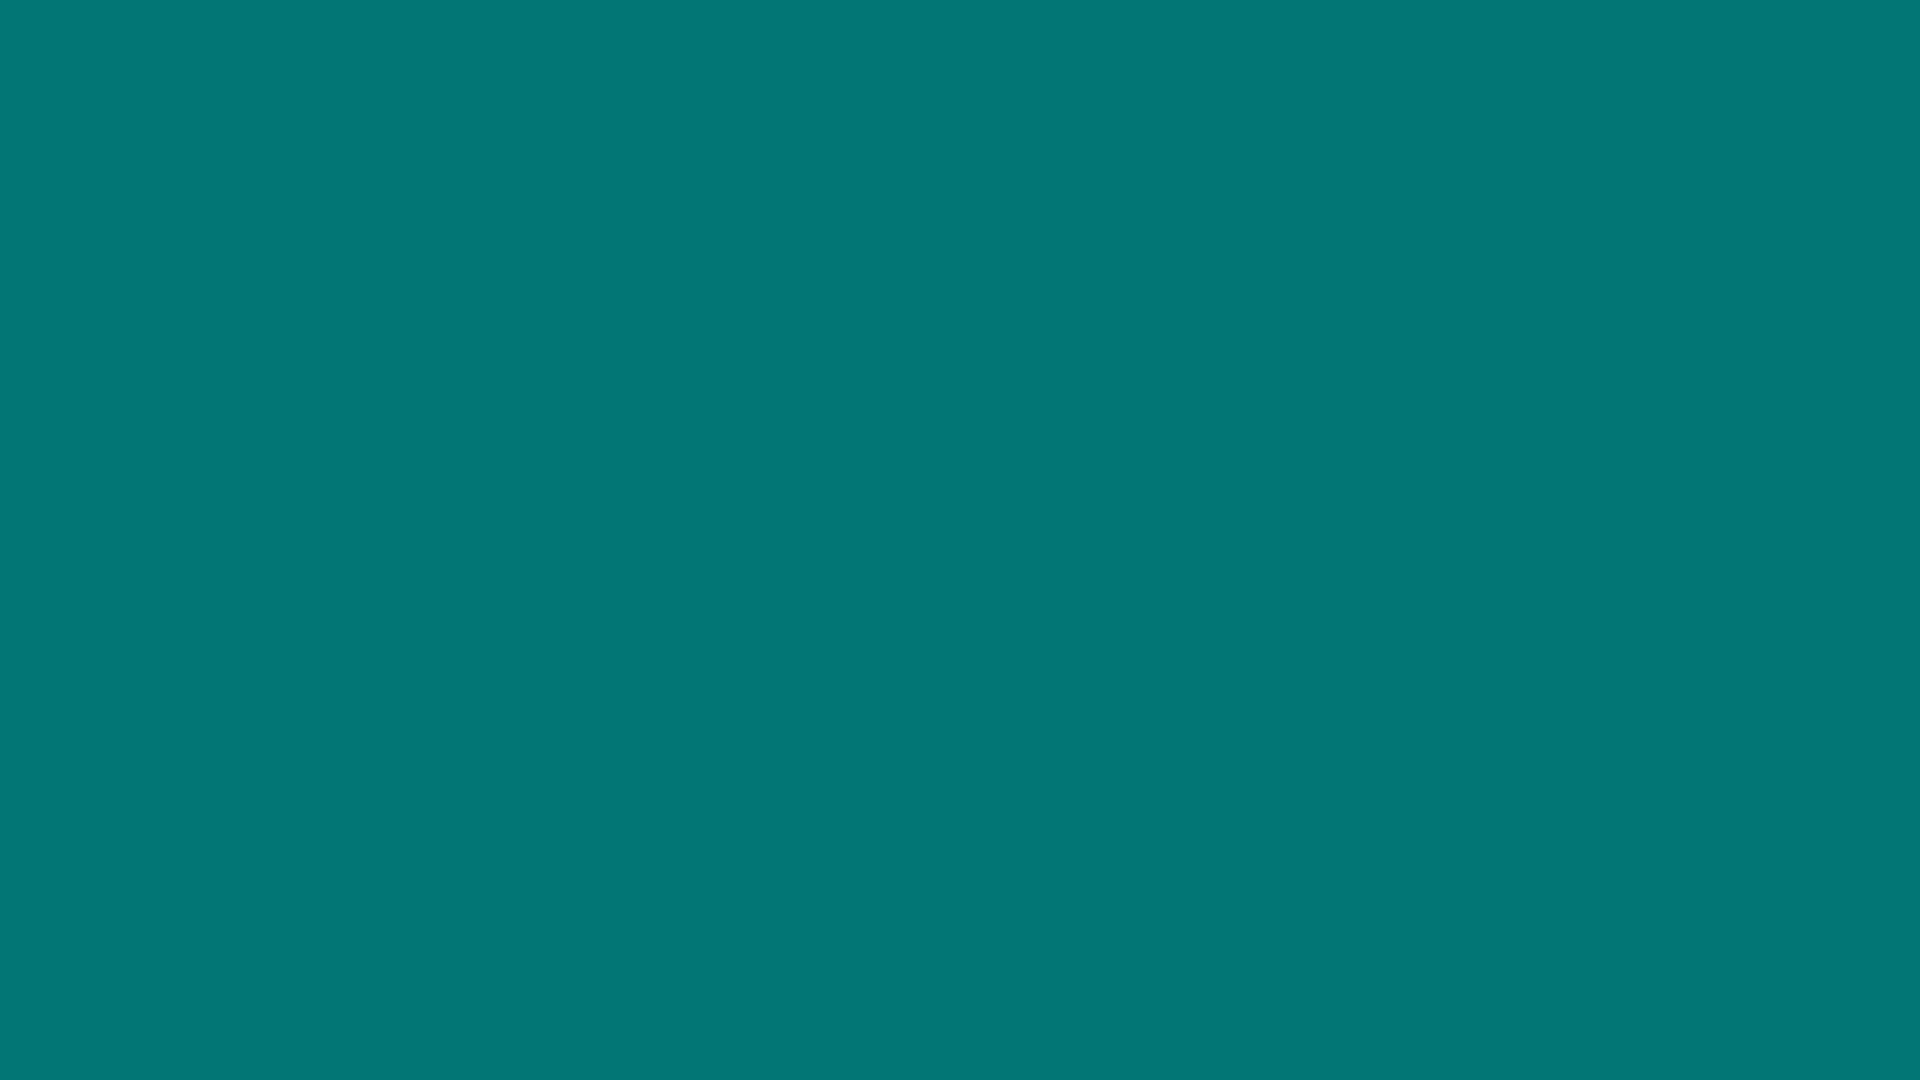 [공지] 2014년 아시아기초연구지원사업(기획과제) 심사 결과 안내